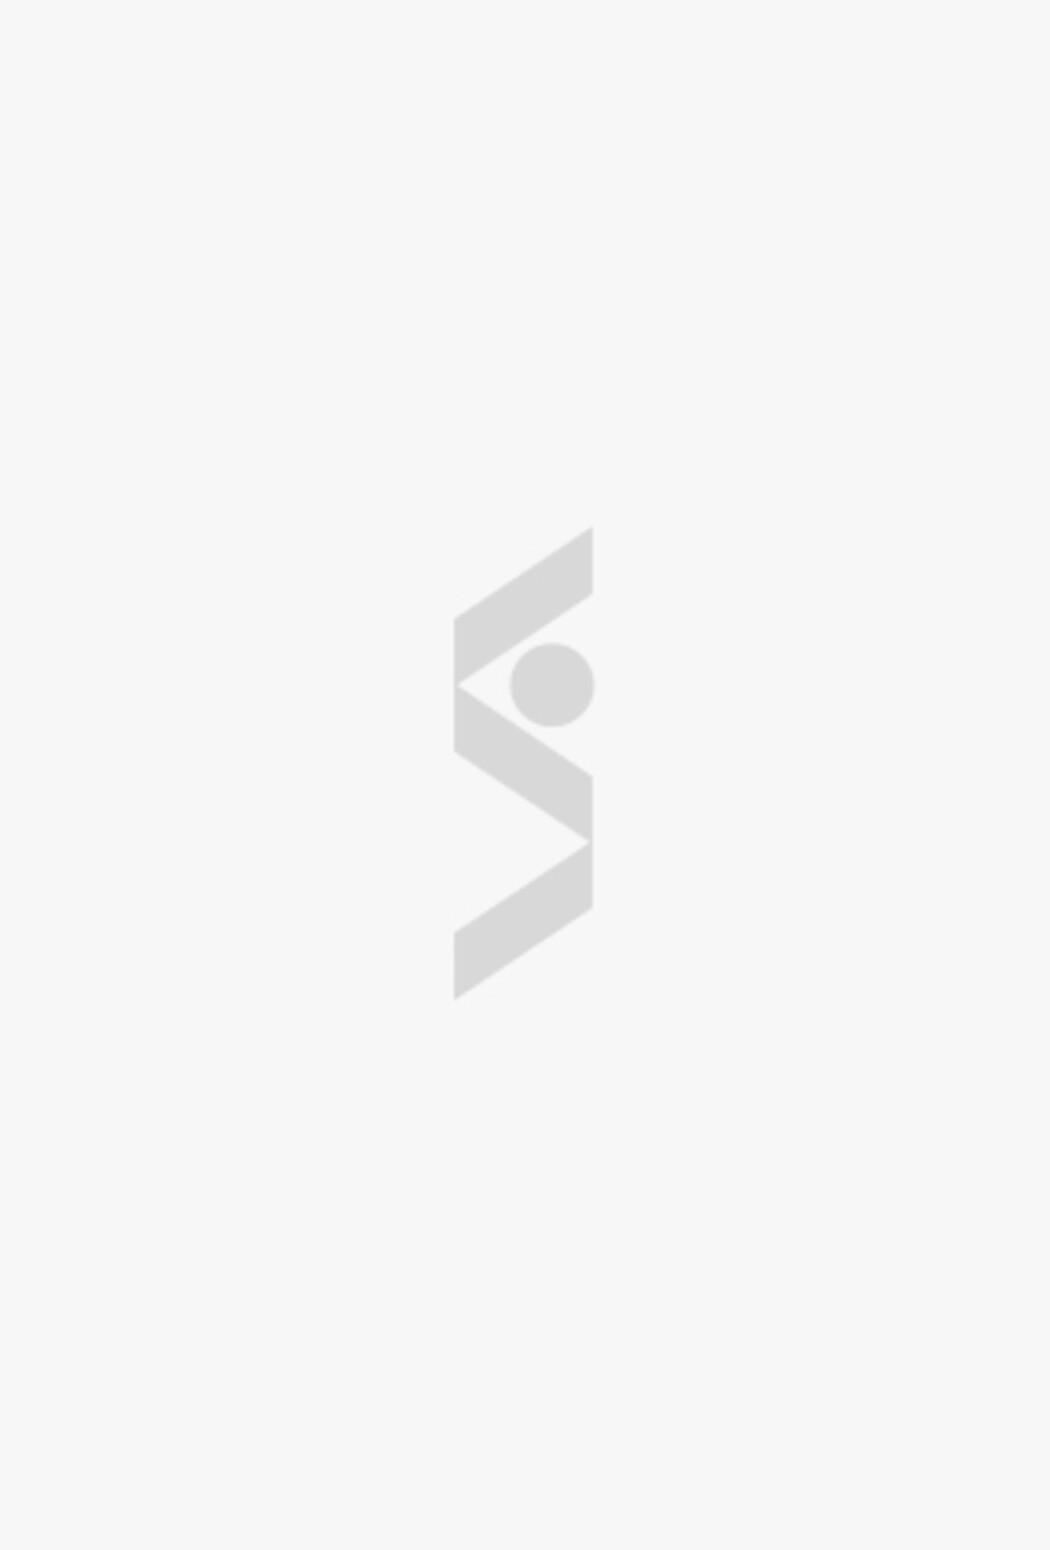 Чехол для чемоданов средний Eberhart - цена 990 ₽ купить в интернет-магазине СТОКМАНН в Москве